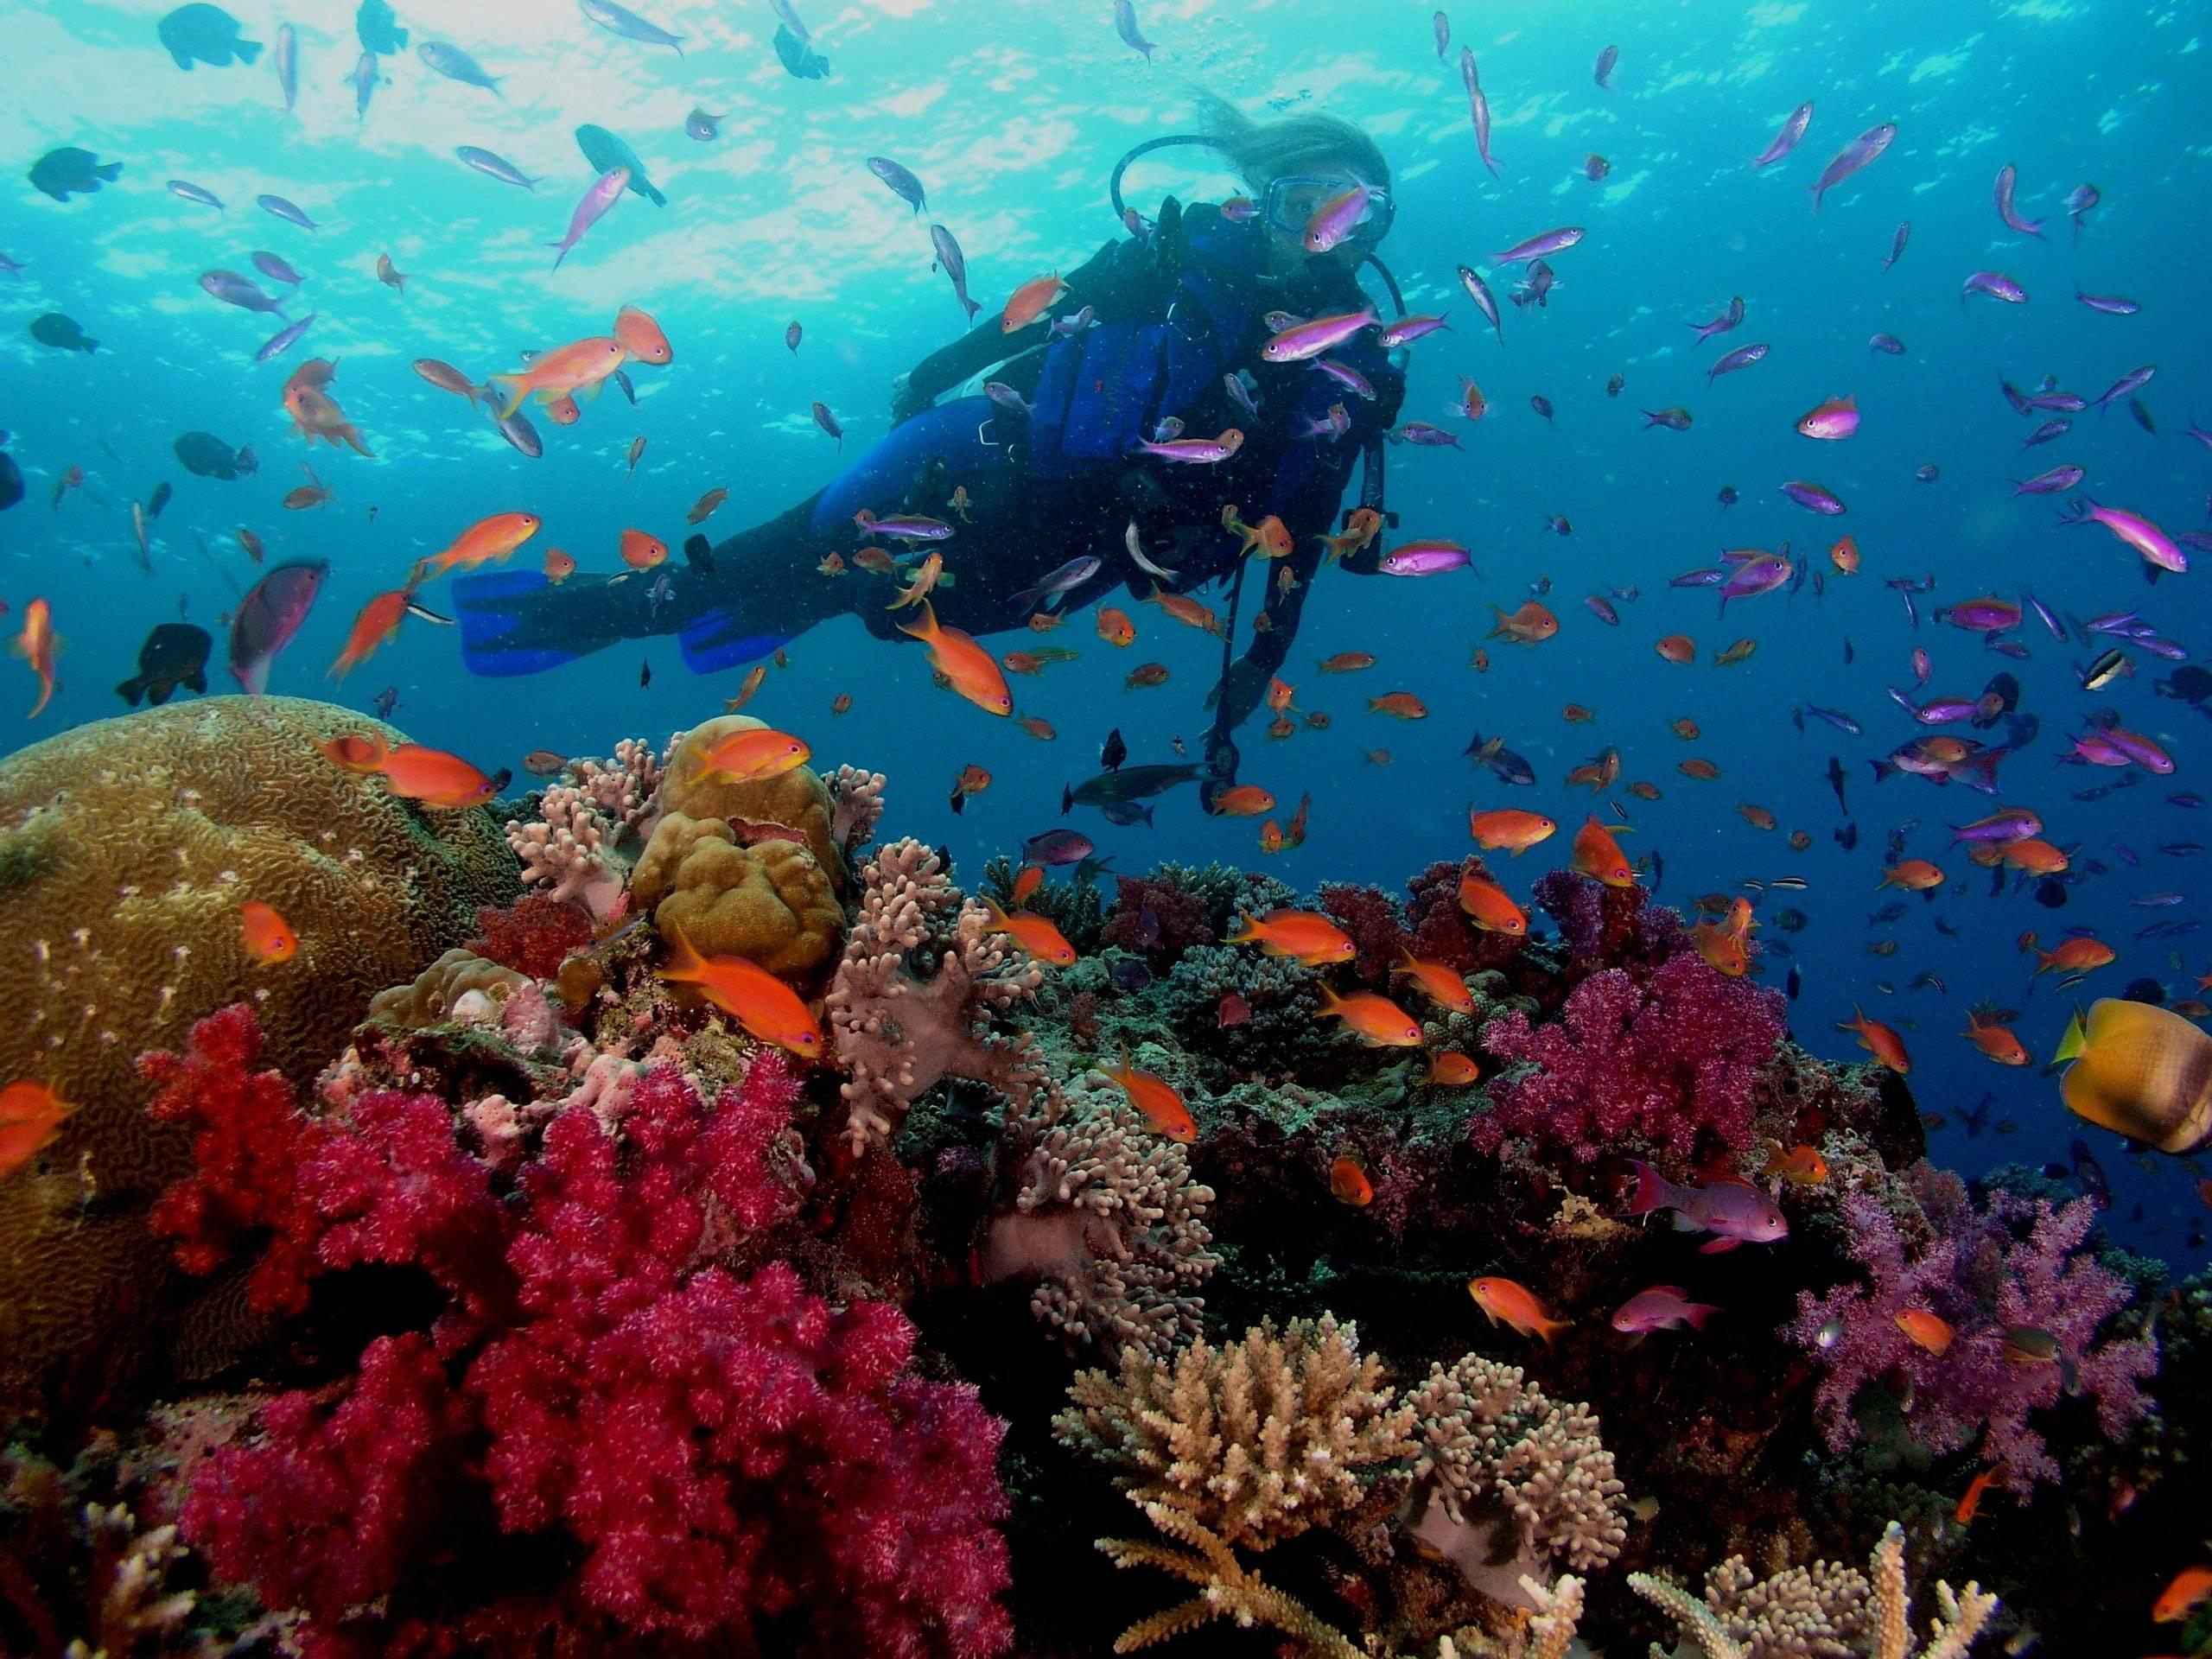 Scuba Diving Wallpapers - Wallpaper Cave